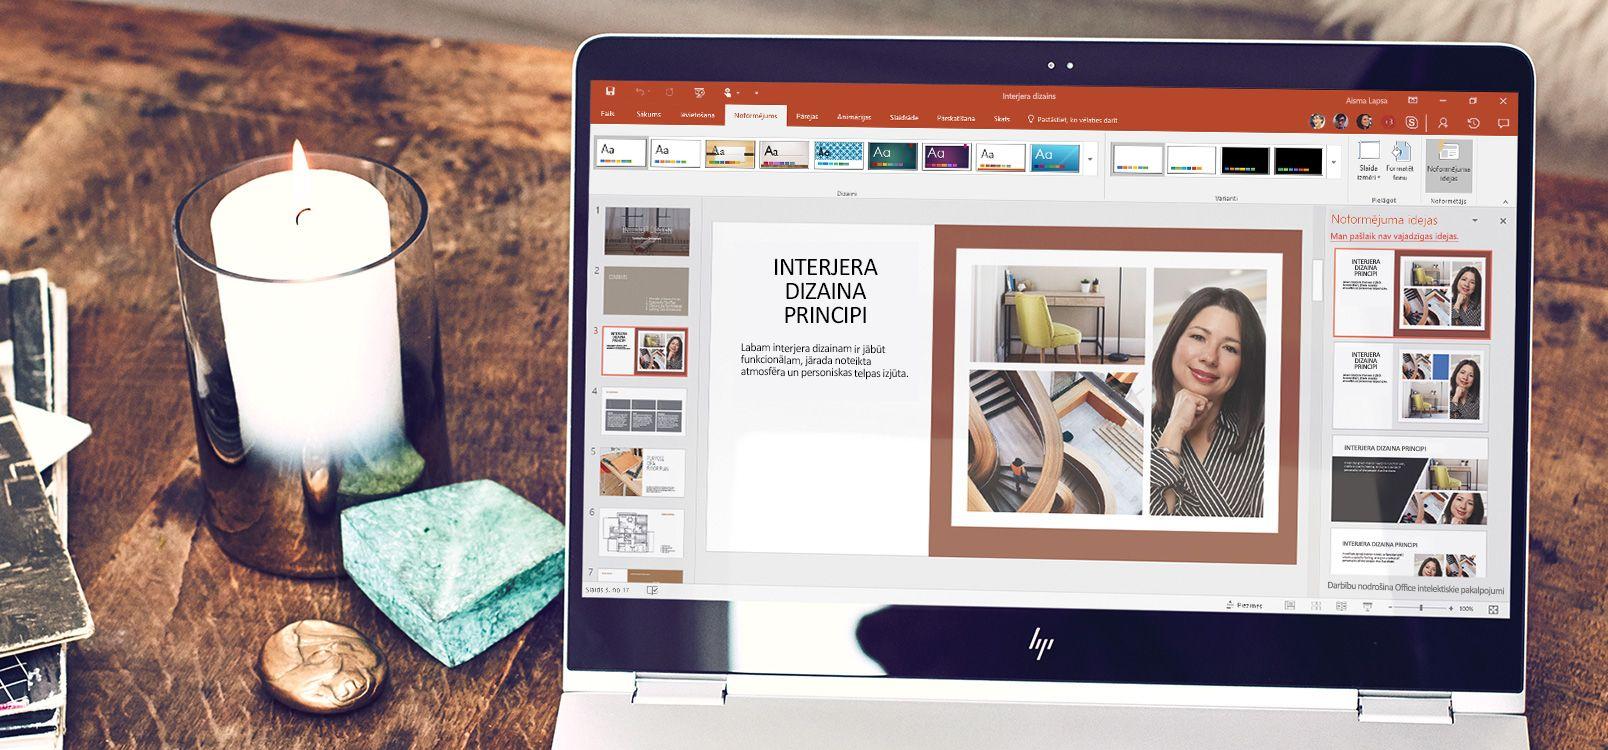 Klēpjdatora ekrāns, kurā redzams, kā PowerPoint dokumentā tiek lietots līdzeklis PowerPoint noformētājs